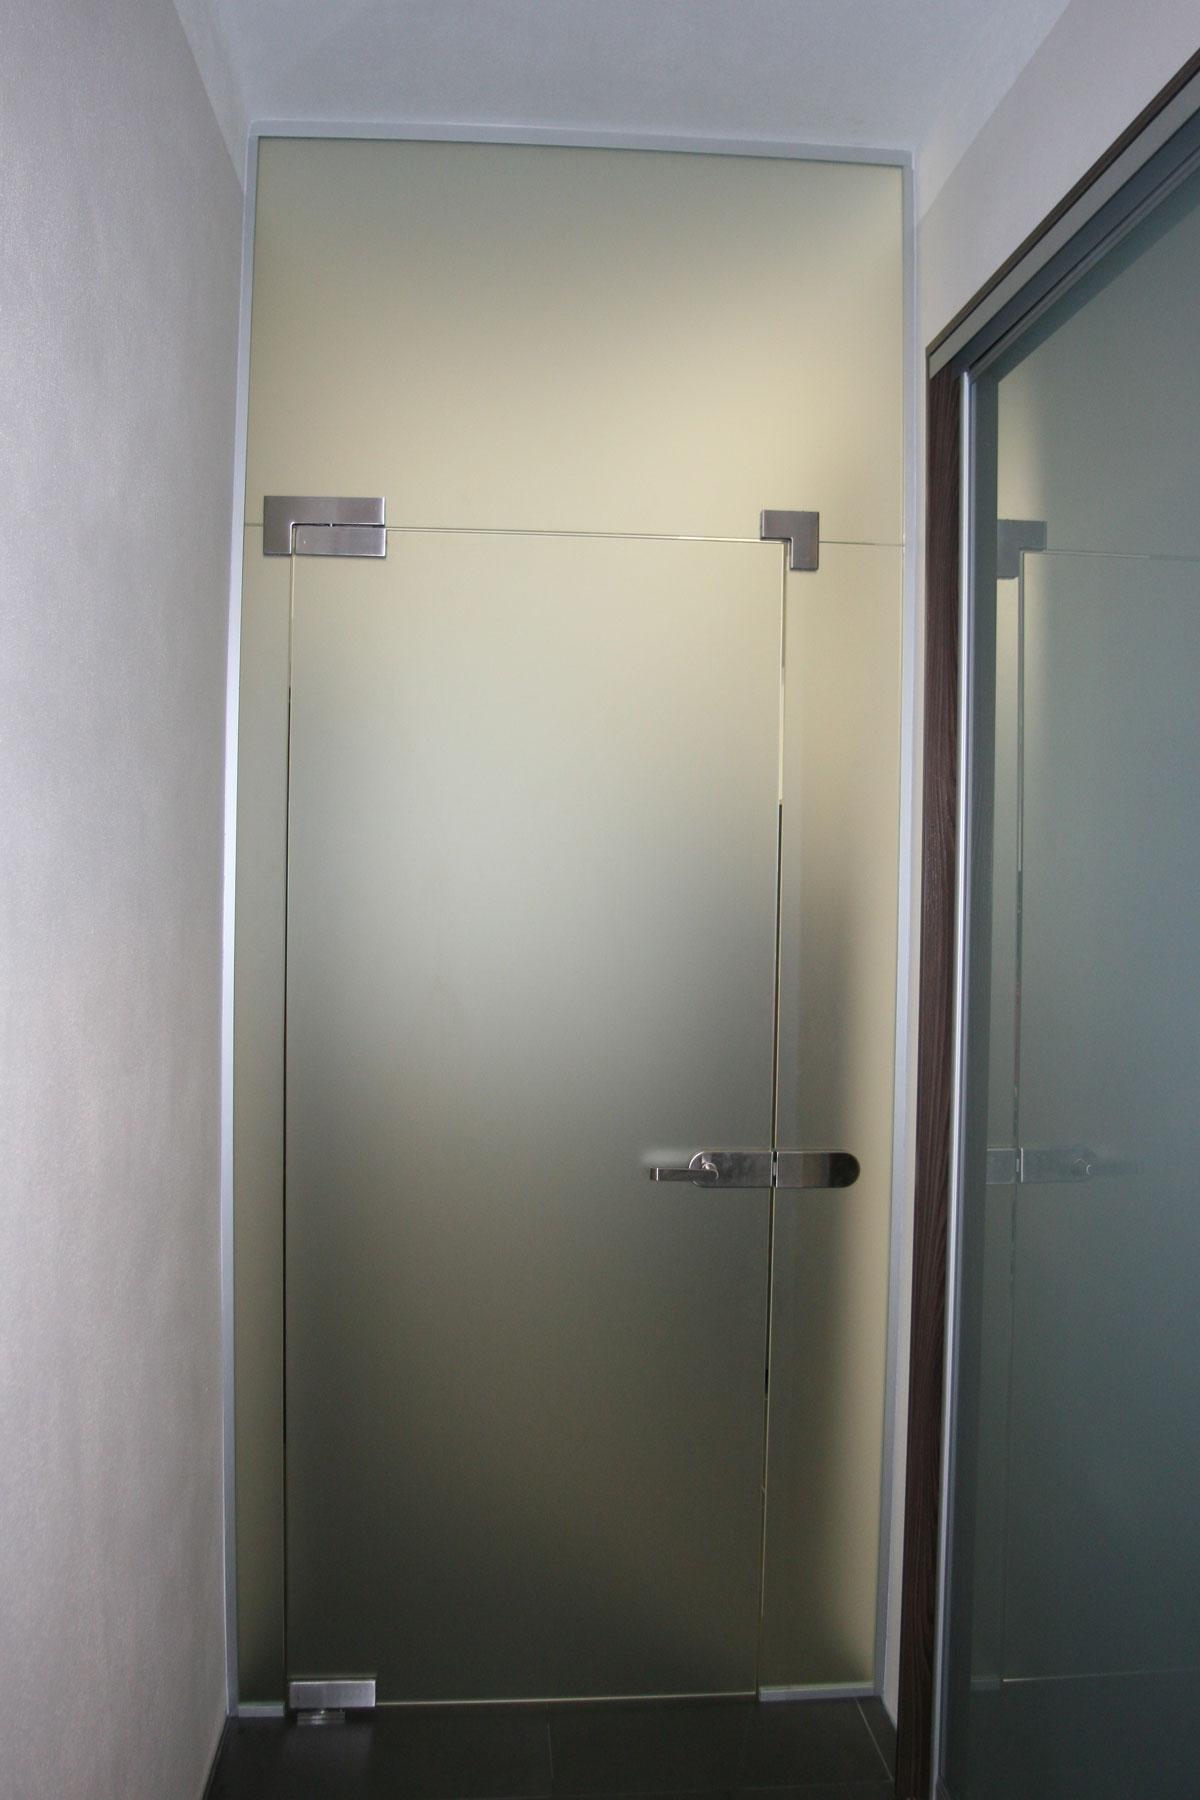 Sklenarstvi-Prerost-sklenene- steny-a-dvere (61)